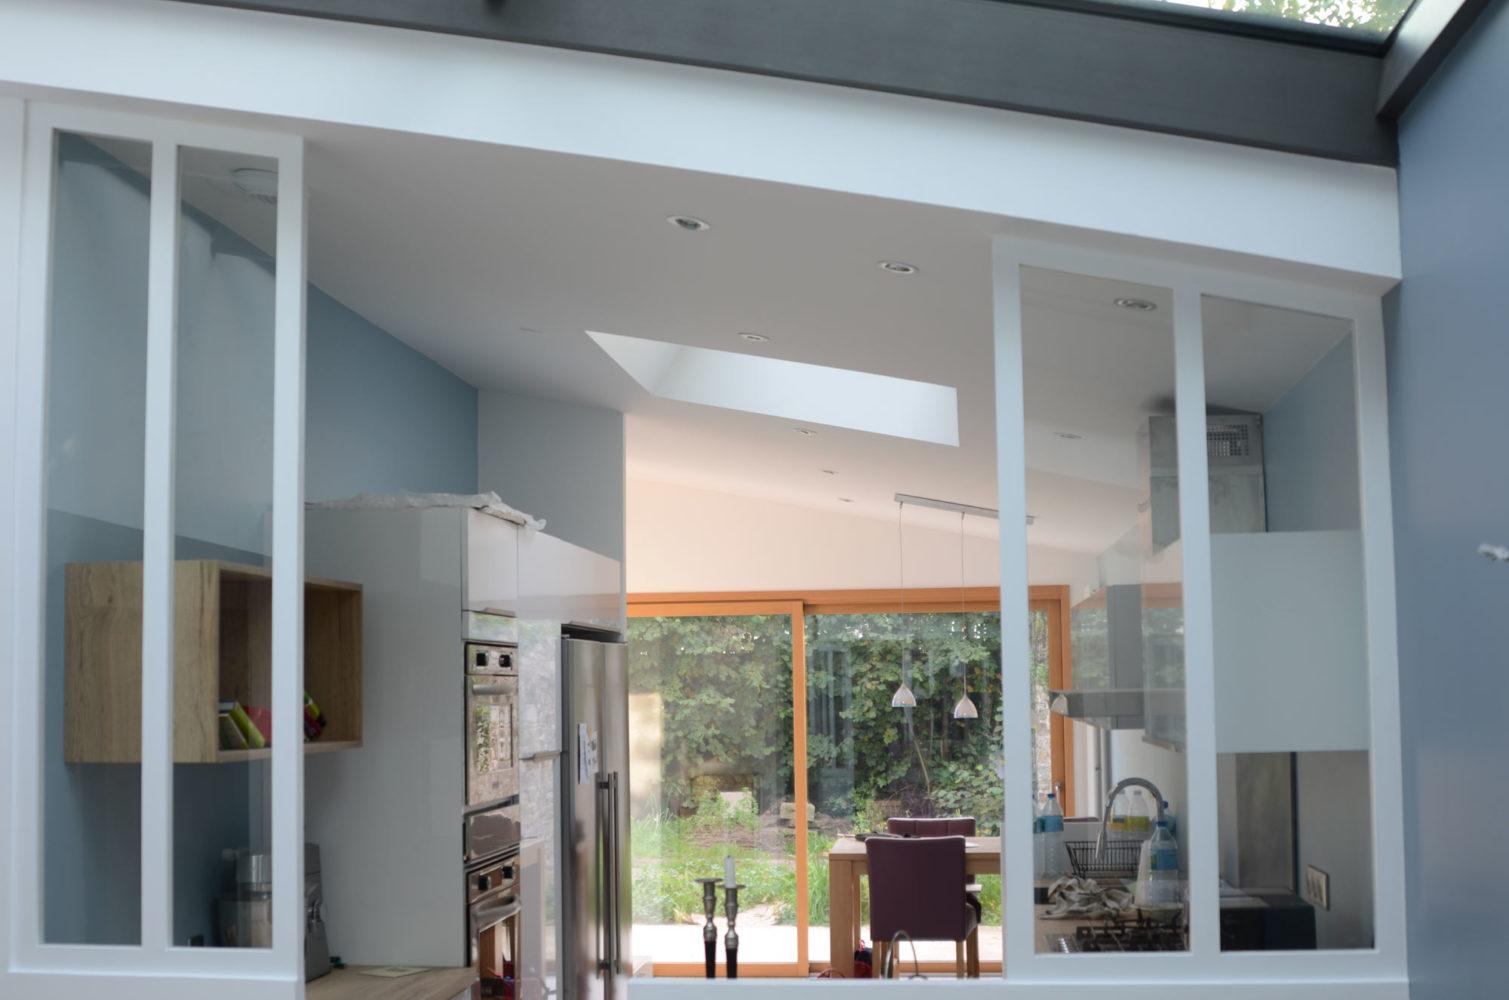 Rénovation-Vannes-Gwénael-LE-PORT-architecte-3-intérieur